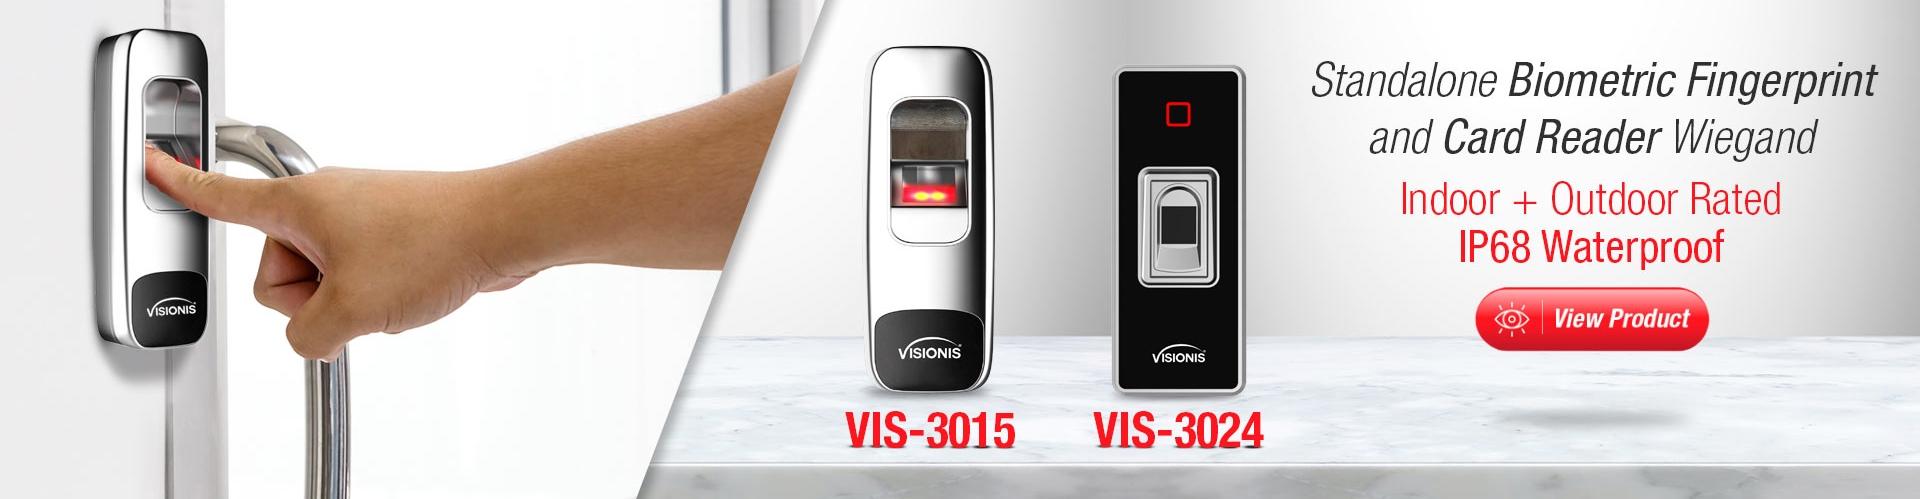 banner fingerprint biometric vis3015 vis 3024